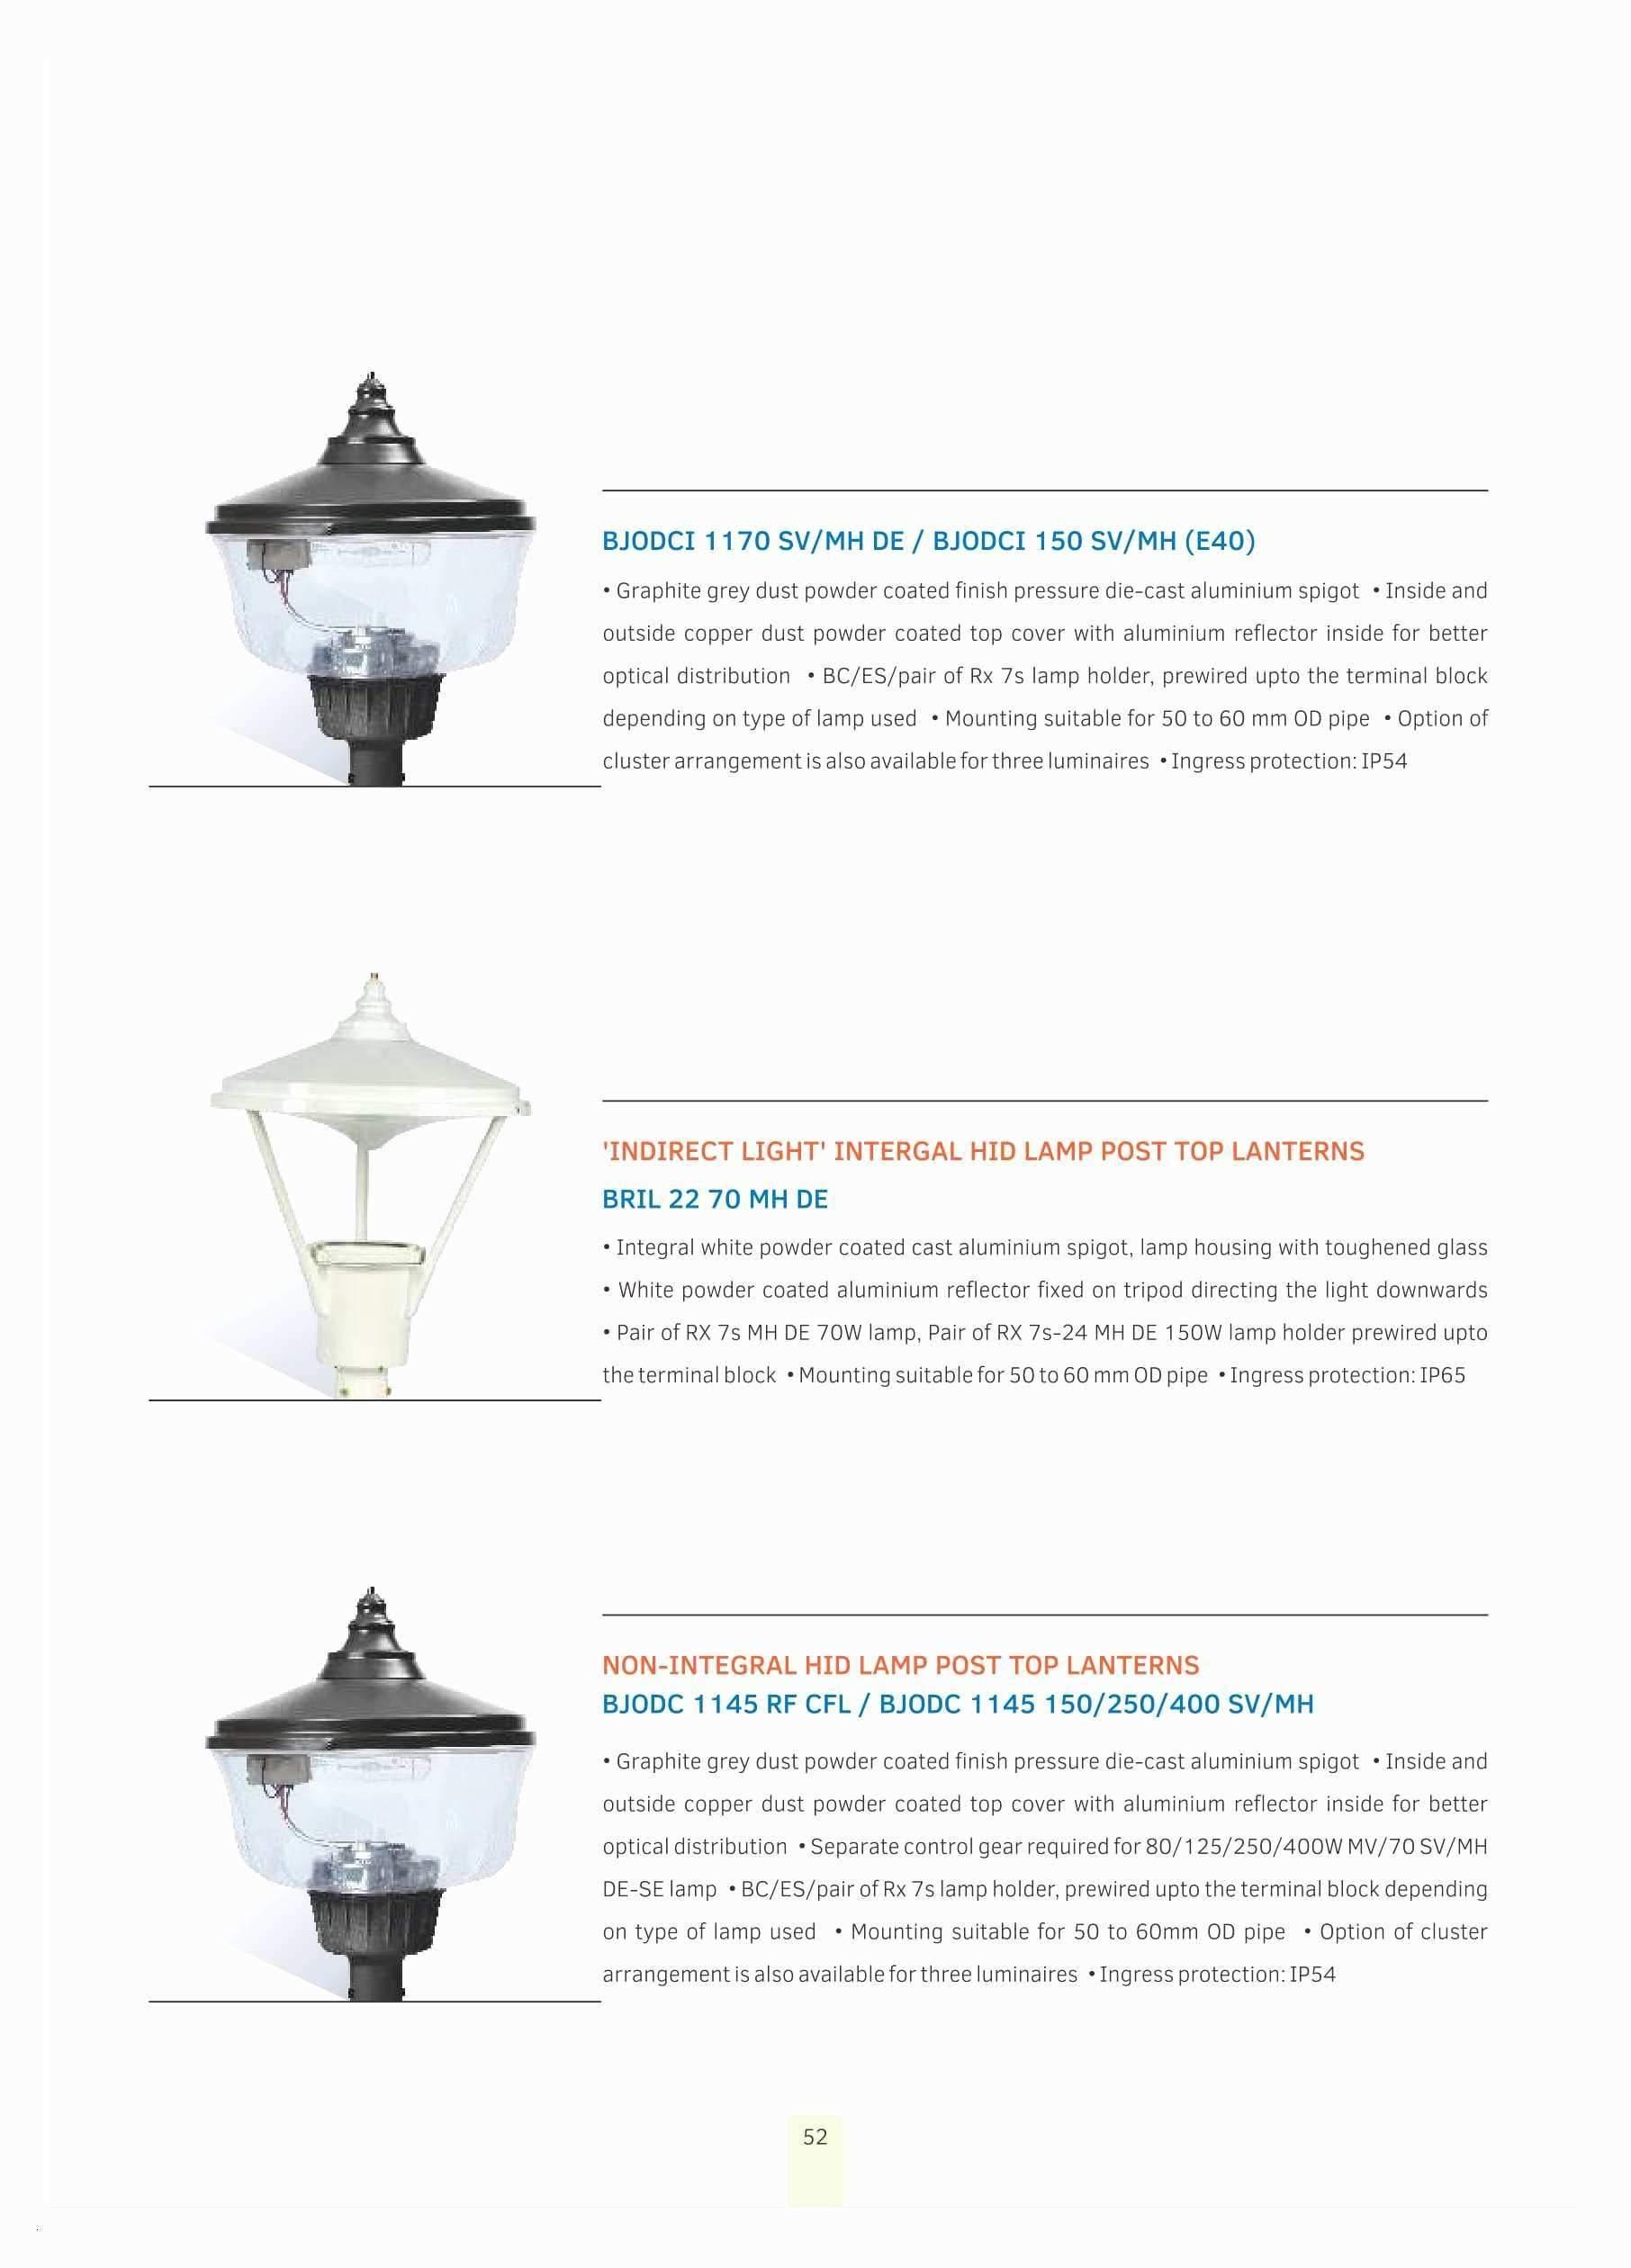 led leuchten decke einzigartig garten licht led lampen wohnzimmer led strahler decke schon of led leuchten decke